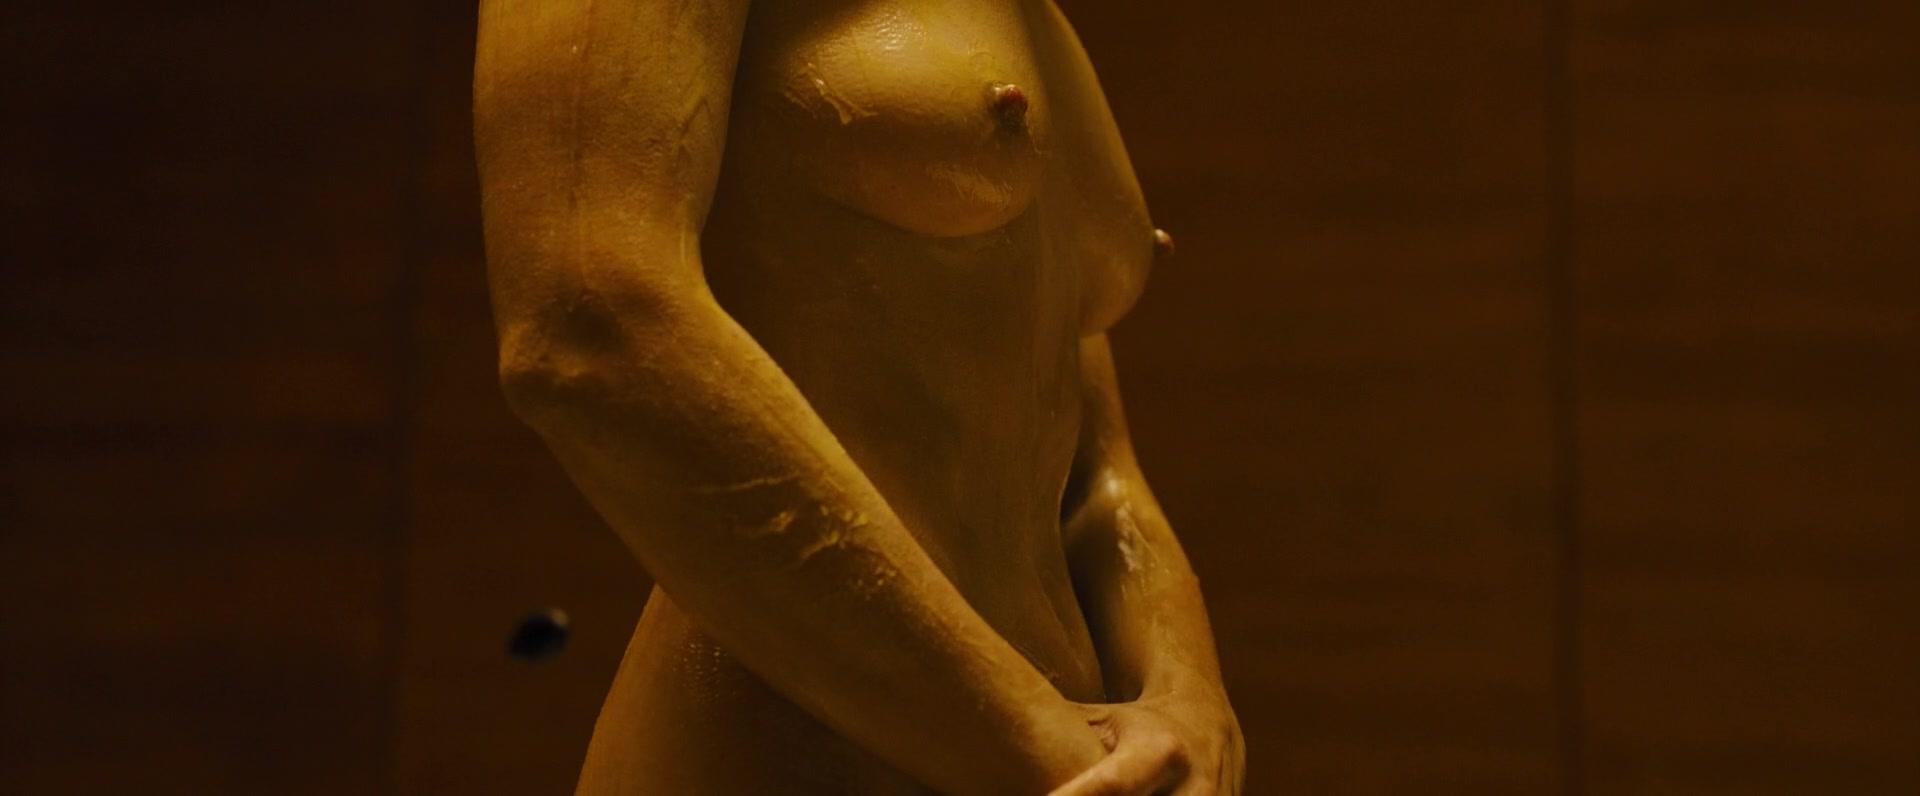 Ana-de-Armas-Sallie-Harmsen-Mackenzie-Davis-etc-Nude-20-thefappeningblog.com_.jpg